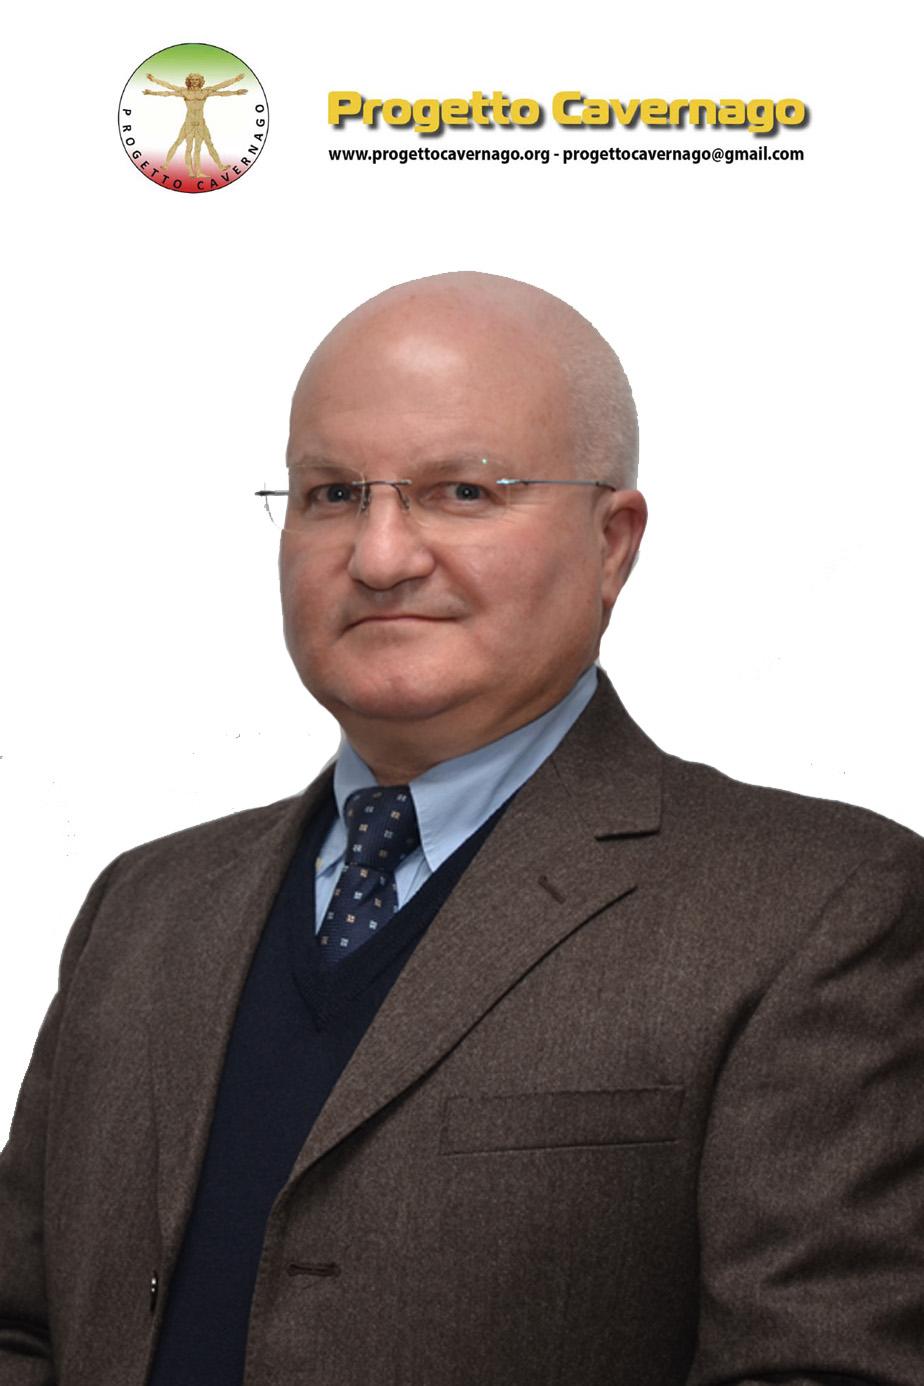 Giovanni Valota